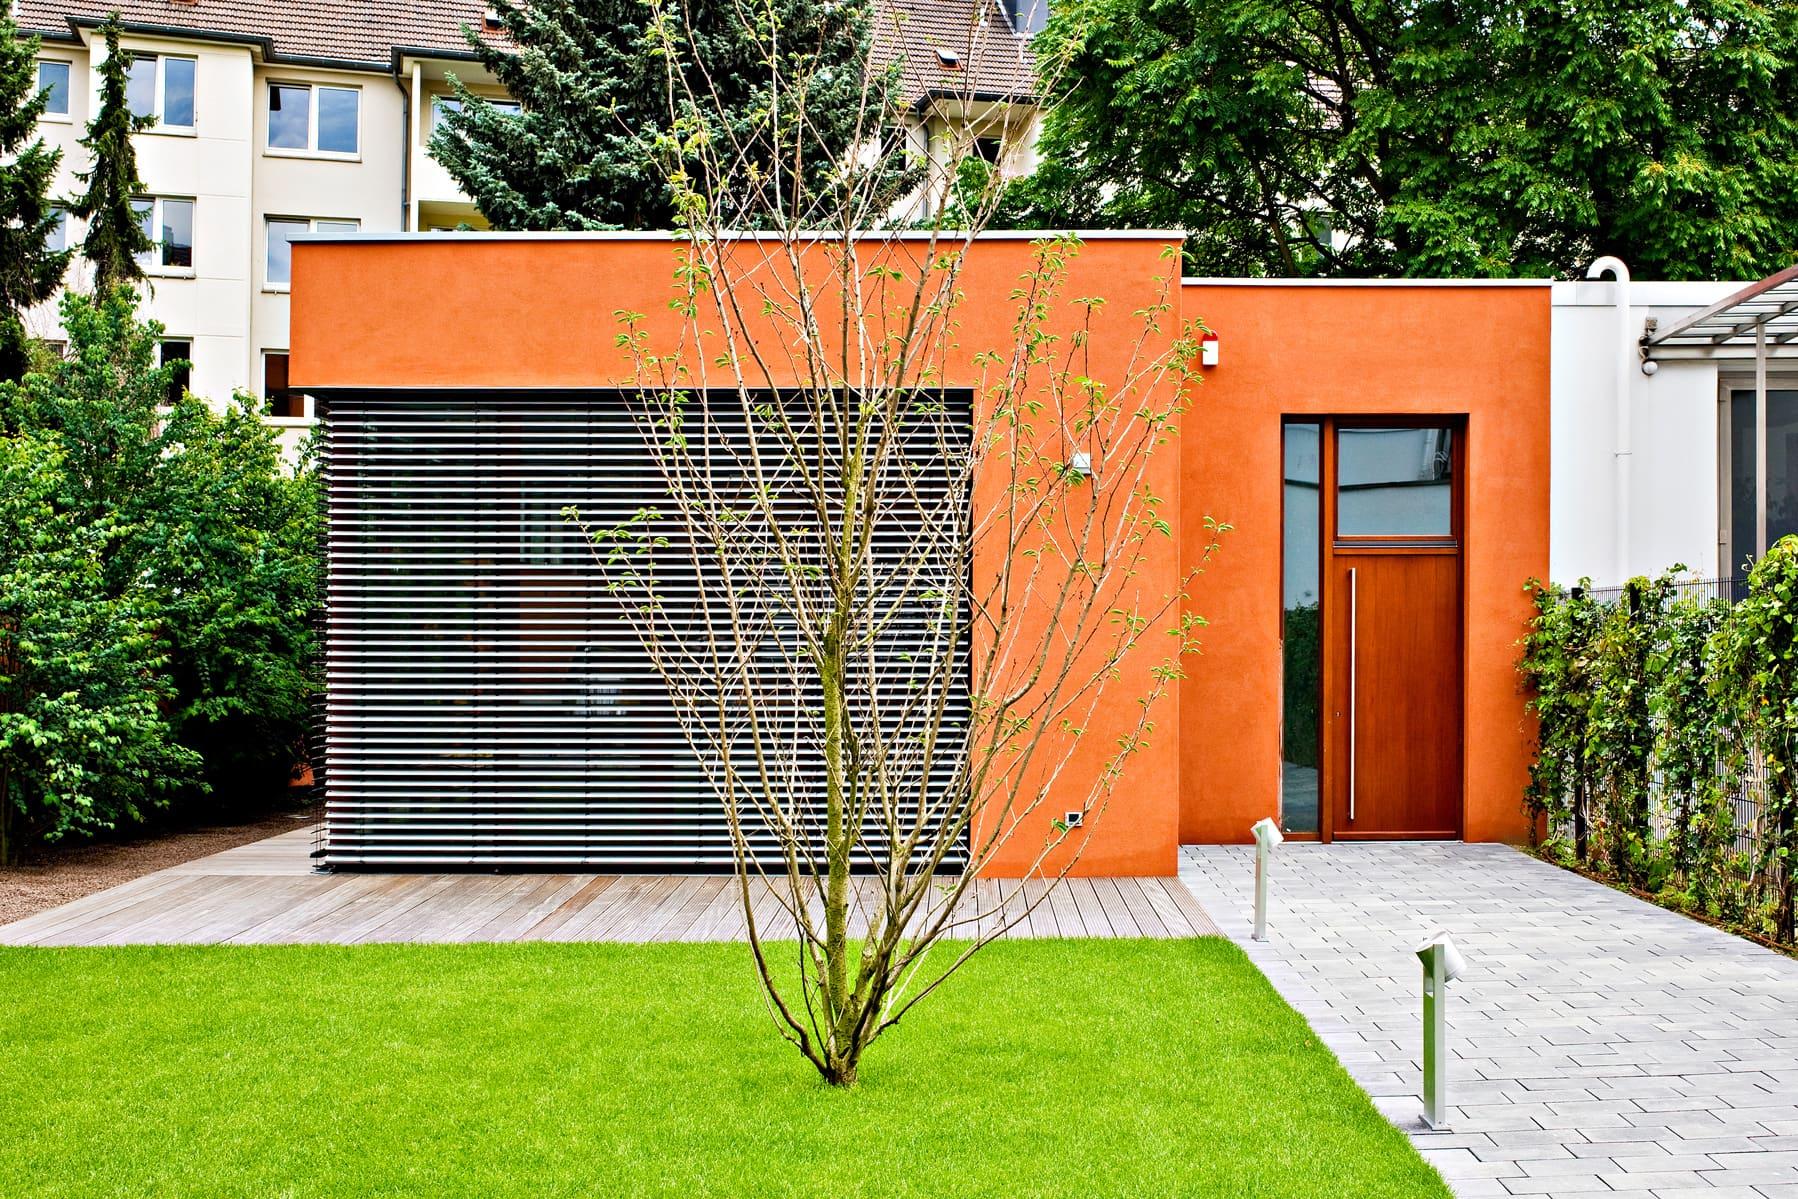 georg d ring architekten d sseldorf mehr einfamilienhaus. Black Bedroom Furniture Sets. Home Design Ideas